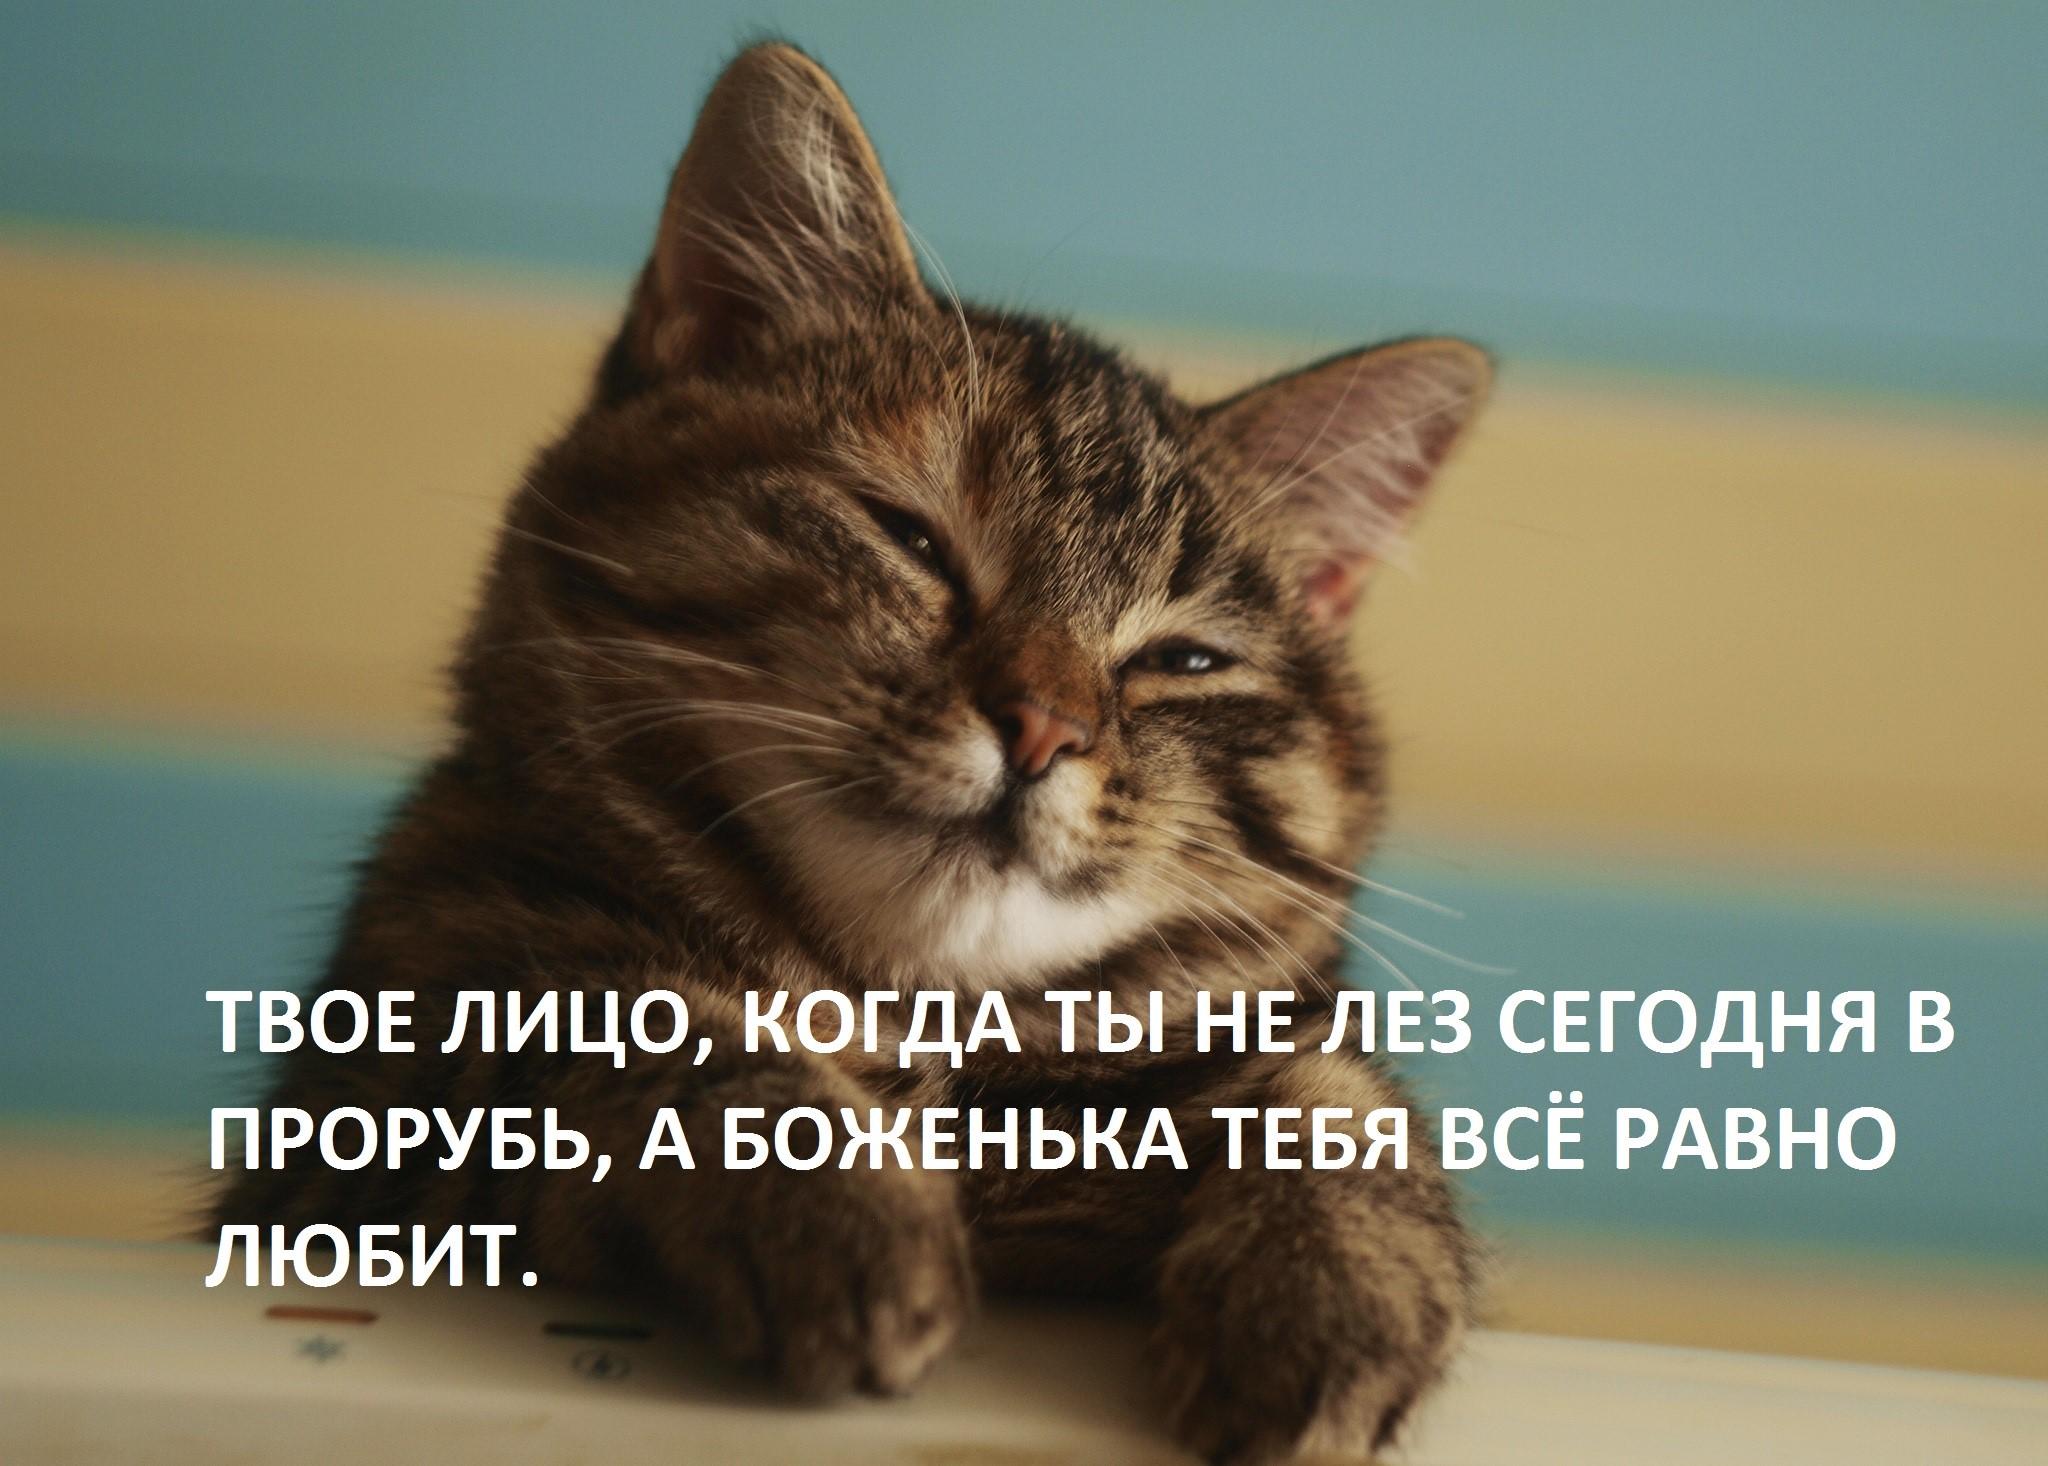 Котикам всегда проще, чем людям